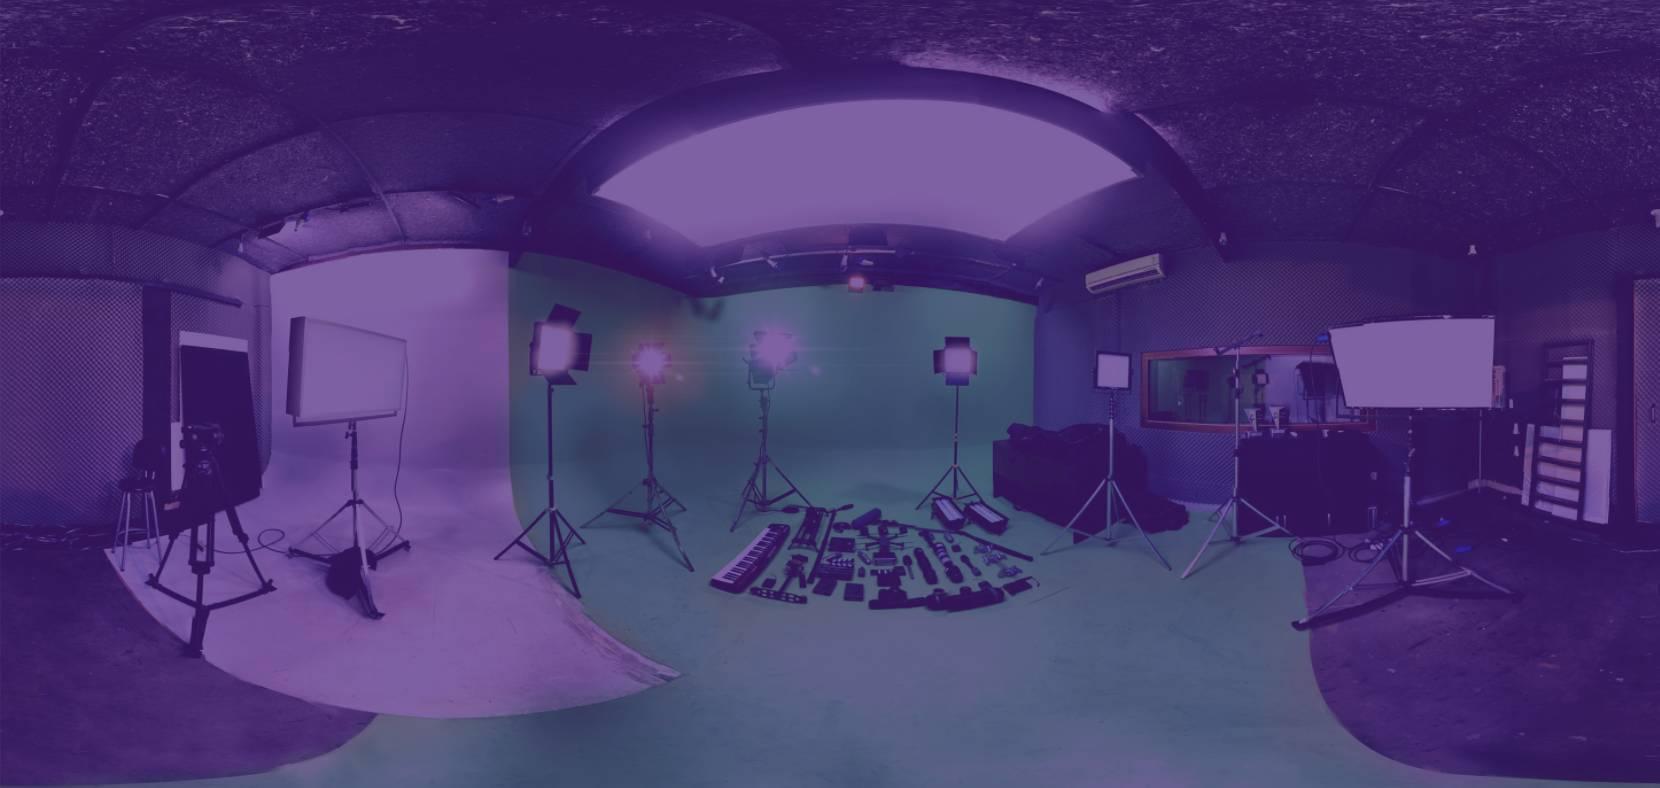 astronautas-filmes-bg